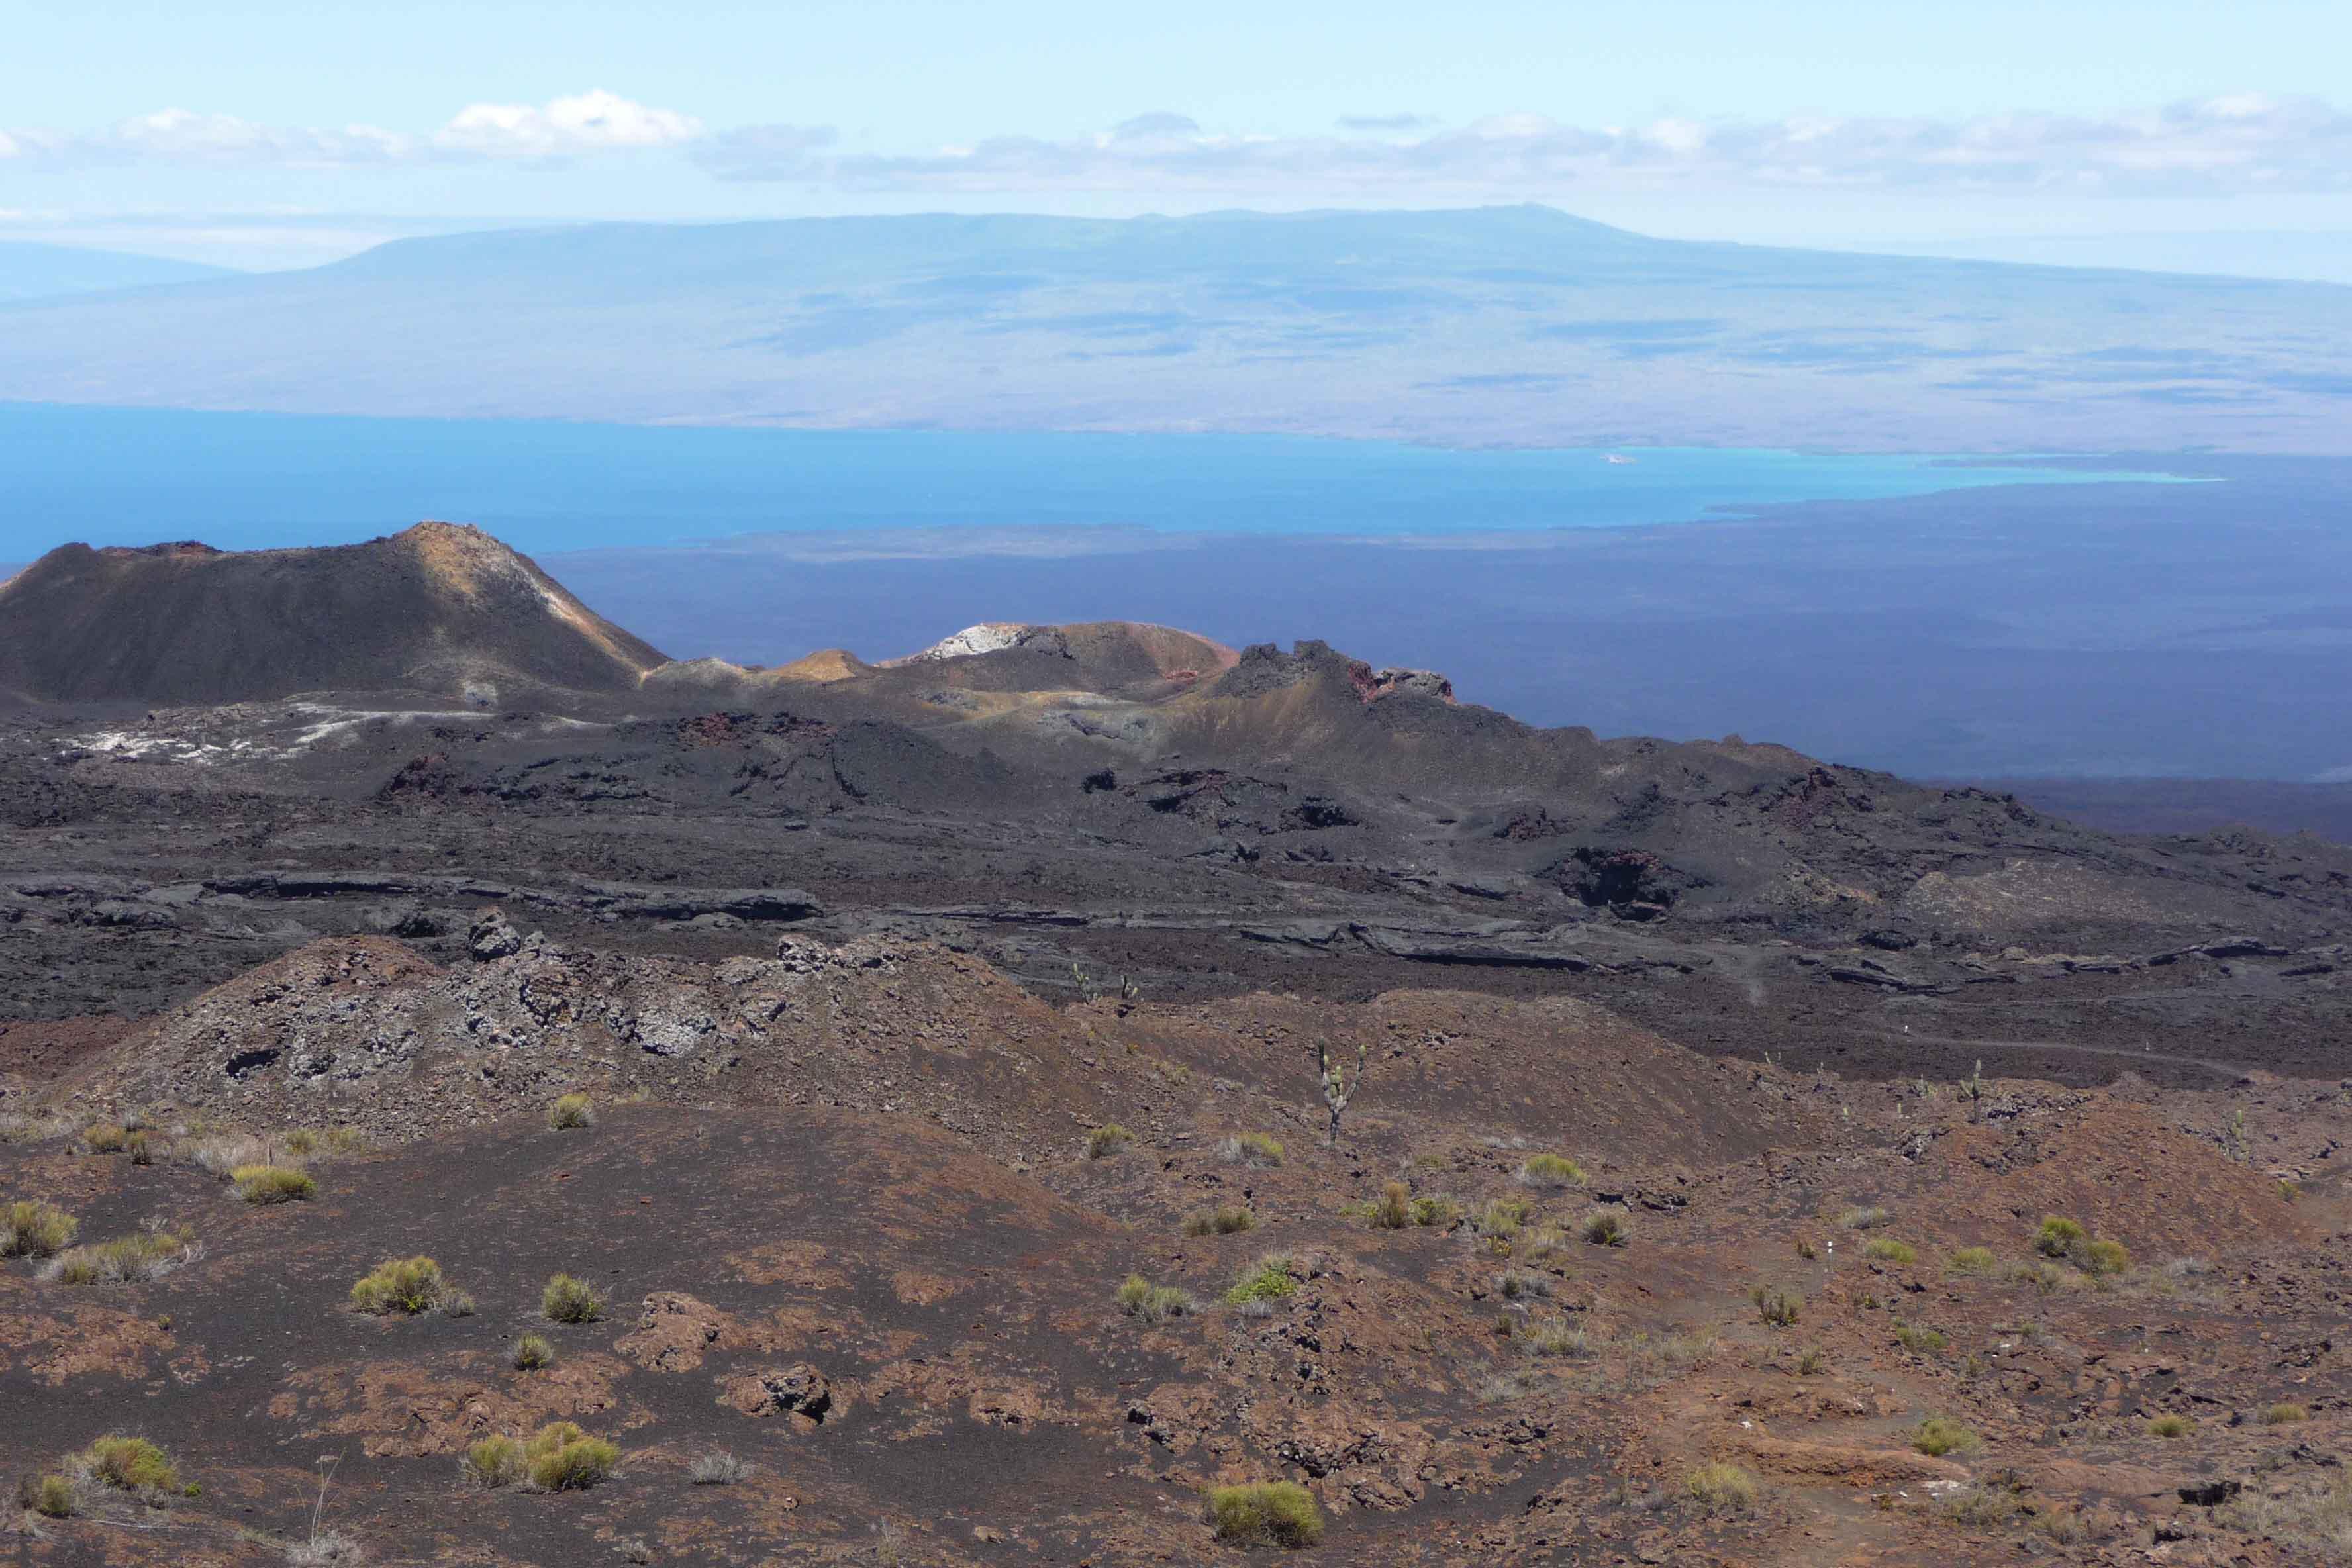 wilderness as an adjective latin american spanish environment vulcanic landscape sierra negra vulcano isabela island galaacutepagos